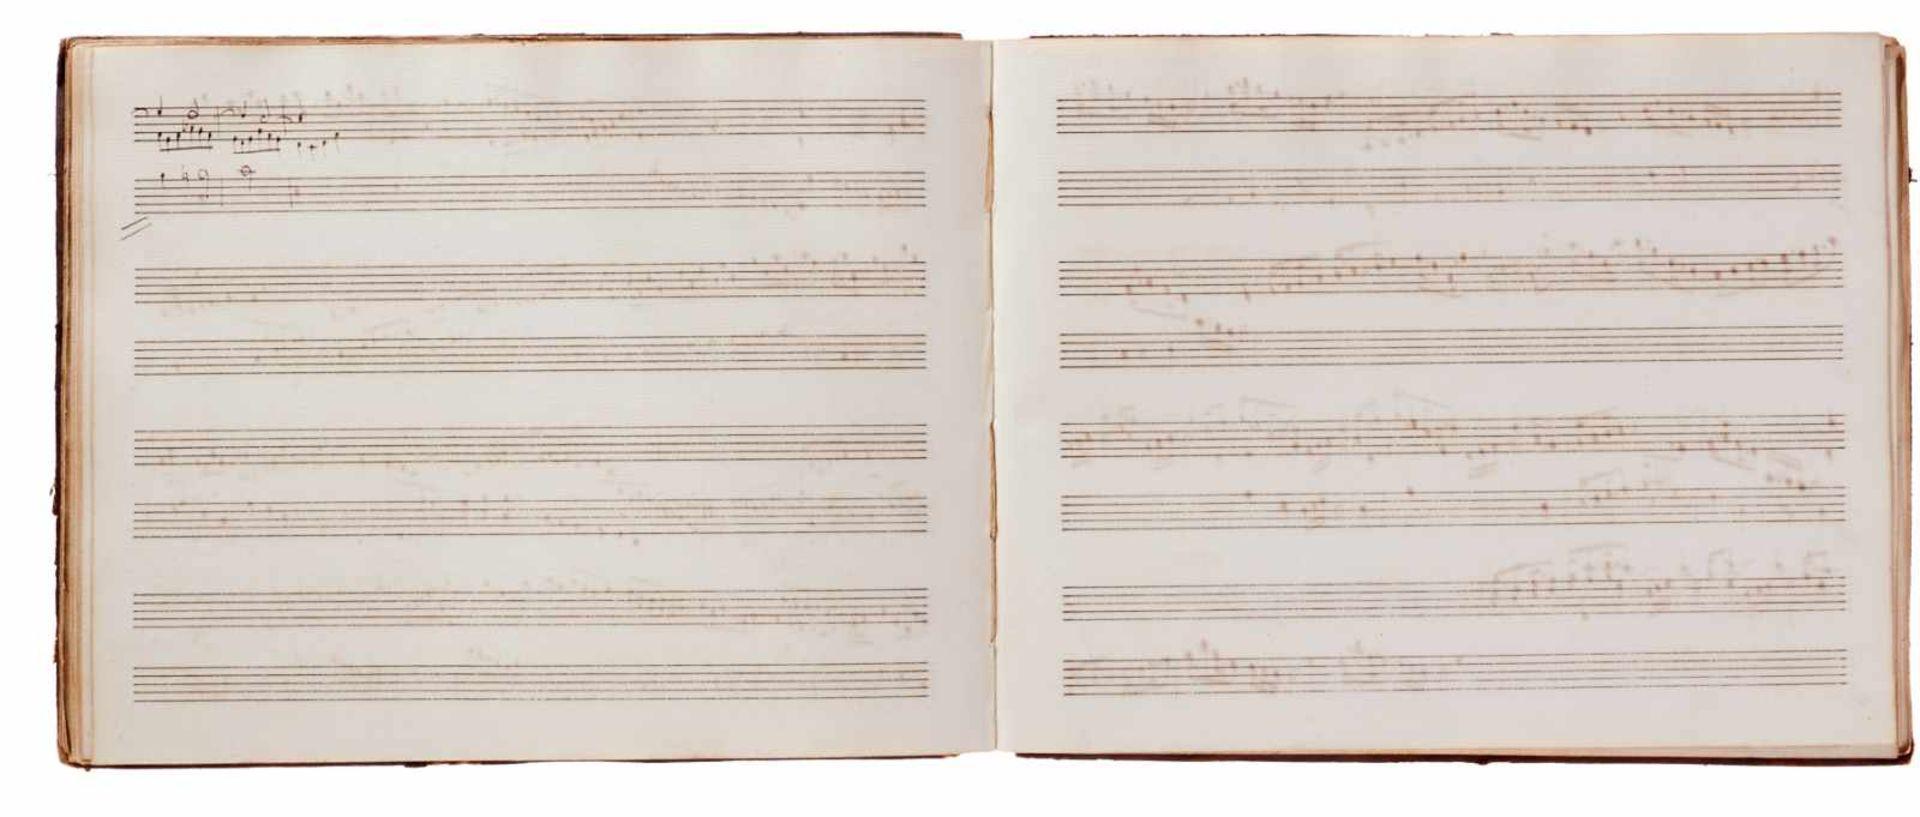 Notiz- und Skizzenbuch eines in Großbritannien tätigen Komponisten.Musikhandschrift auf Papier. Wohl - Bild 16 aus 30